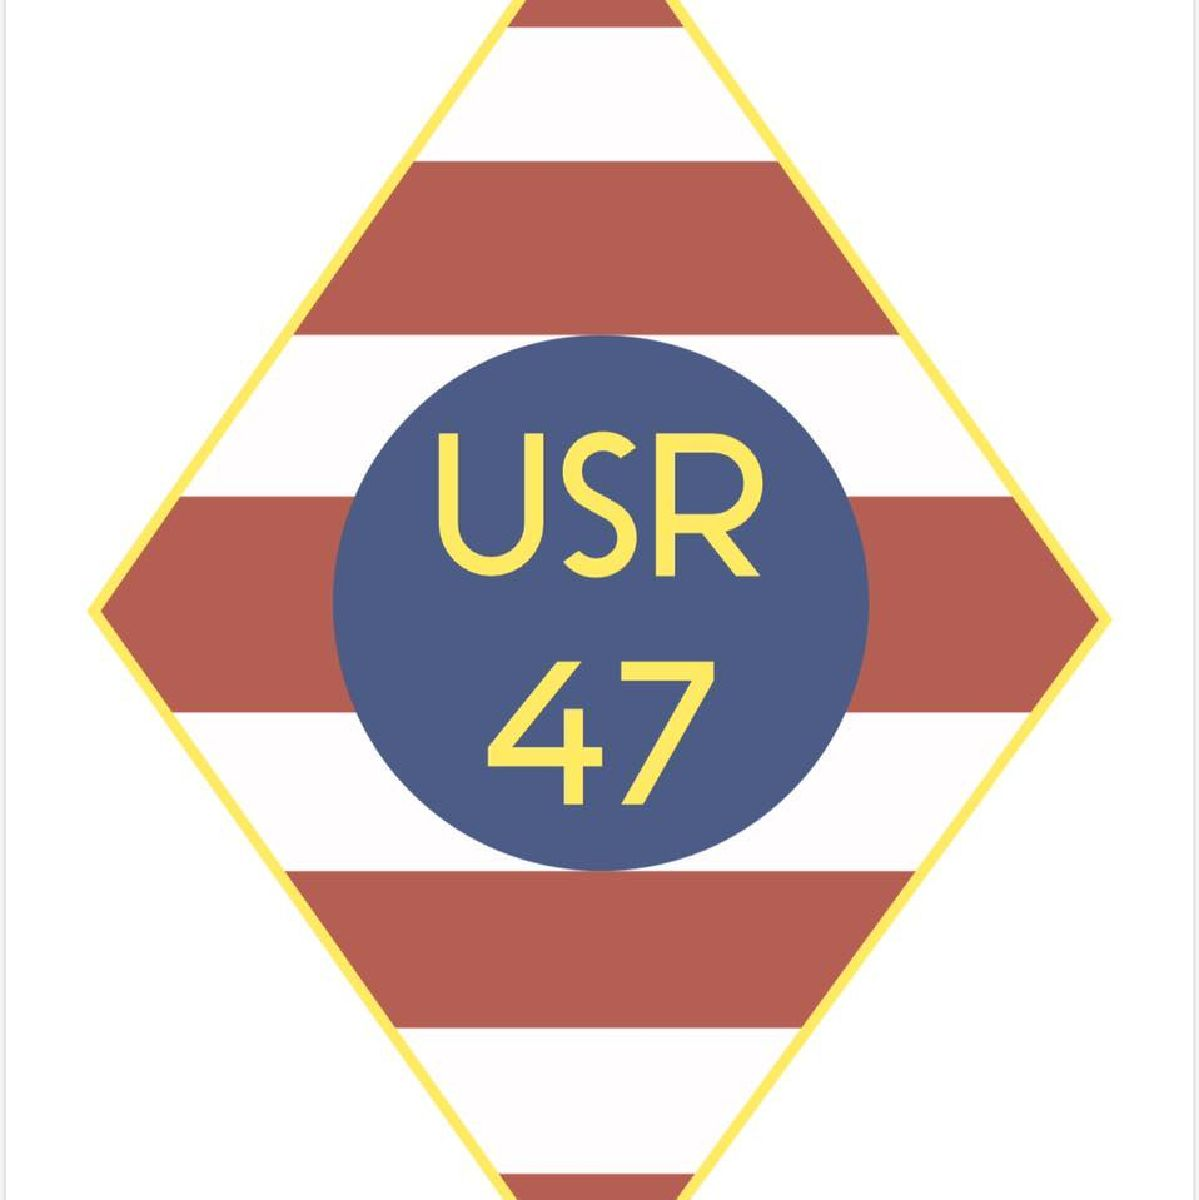 HËLLËF FIR D'US REISDORF 47